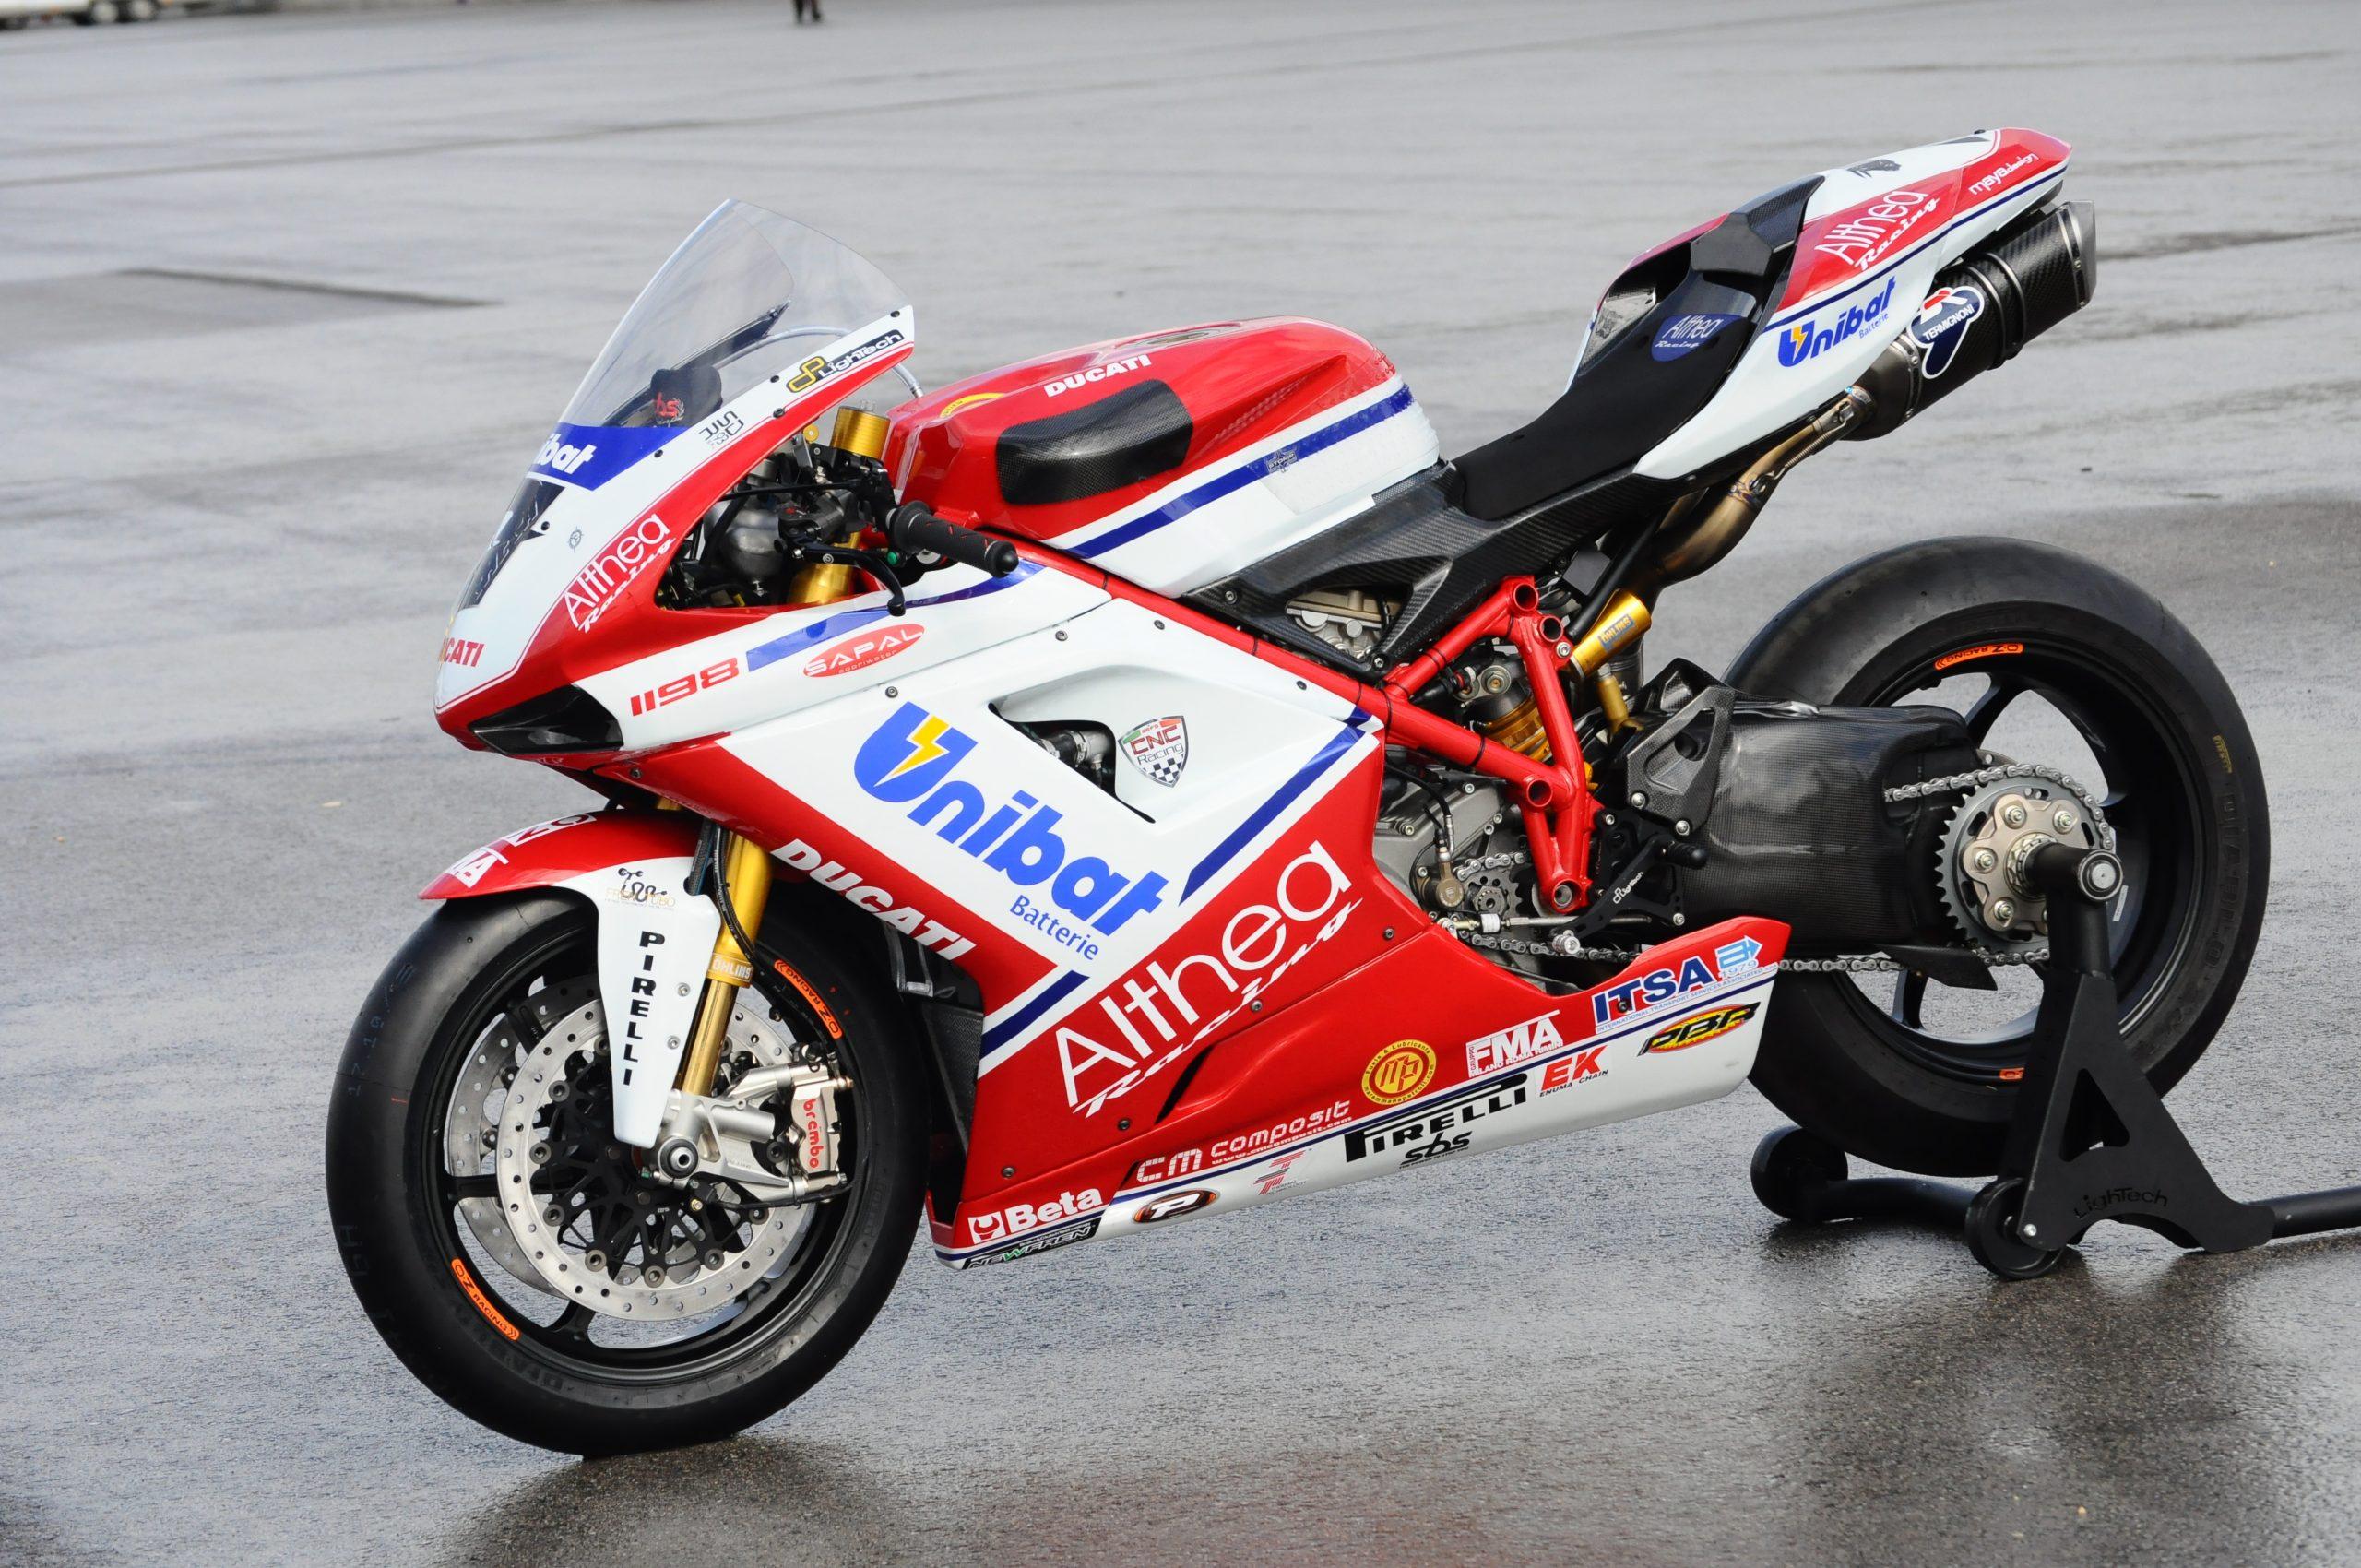 ¿Quieres la Ducati campeona de Carlos Checa? Empieza a ahorrar, porque se subasta